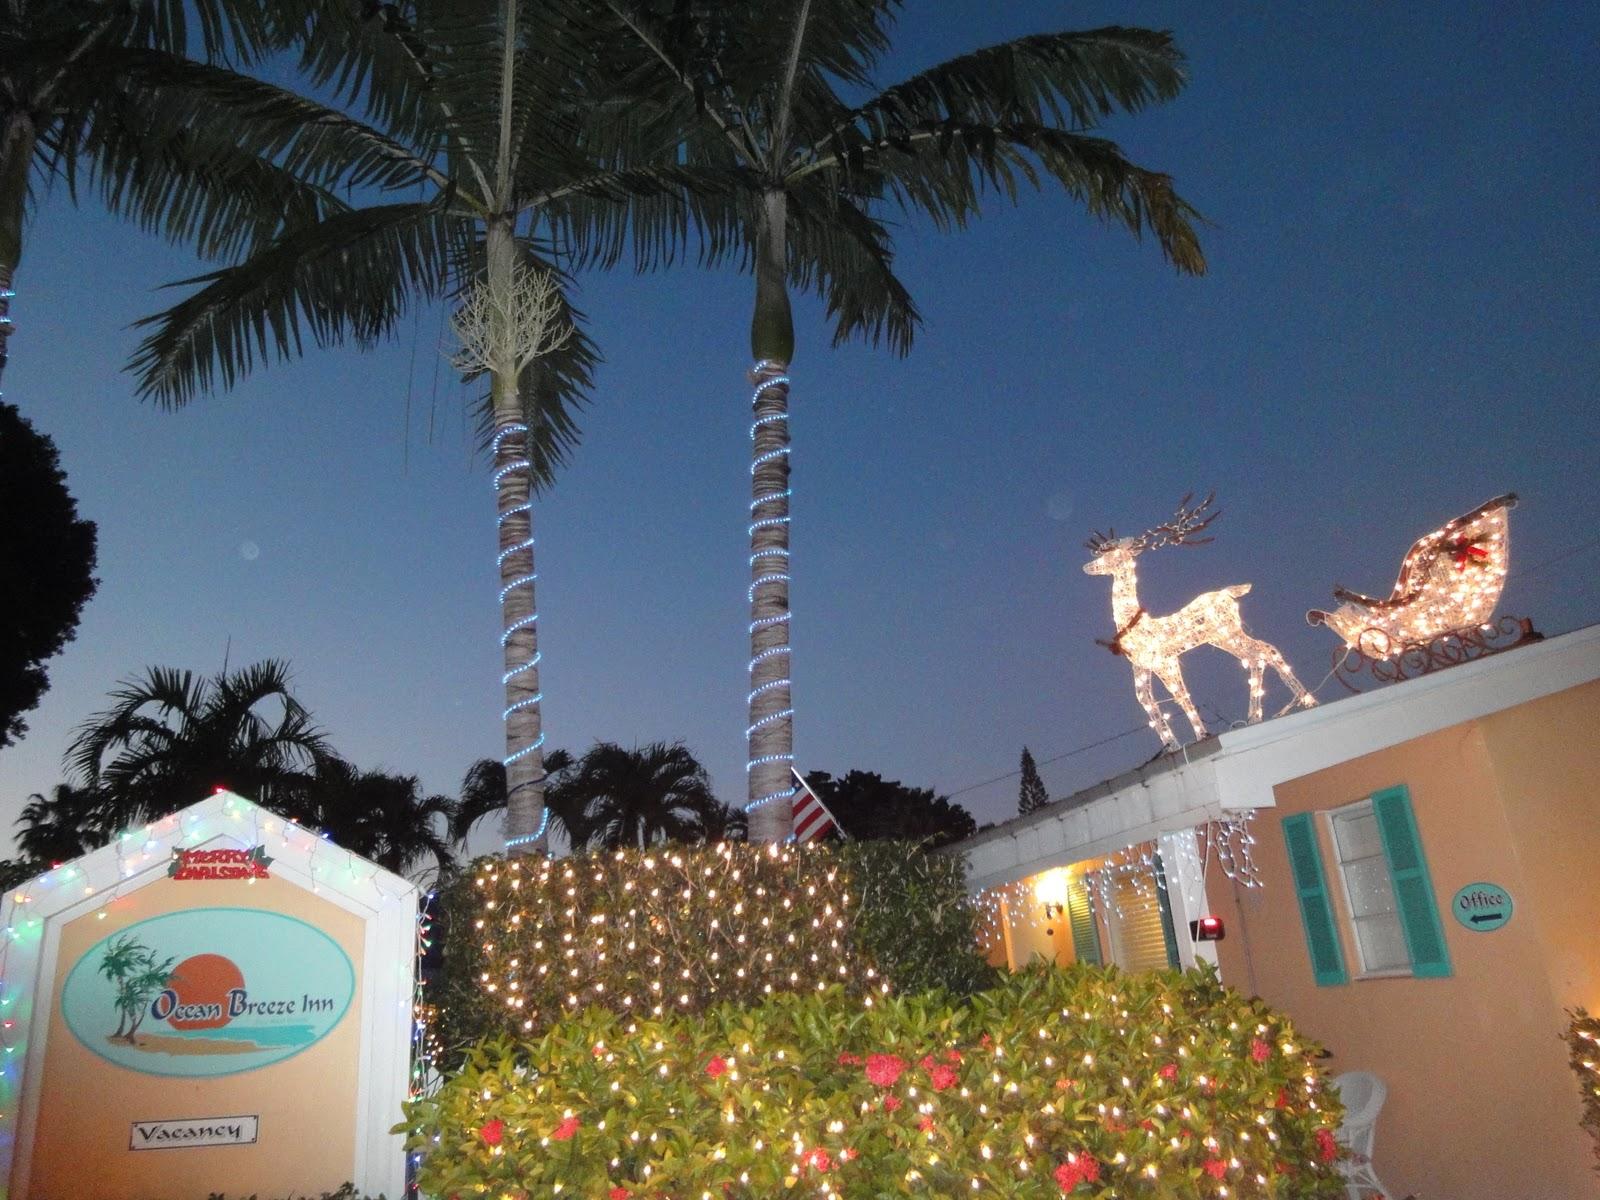 #956A36 Aux Etats Unis : Noël Dans Les Keys 5329 décorations de noel aux etats unis 1600x1200 px @ aertt.com